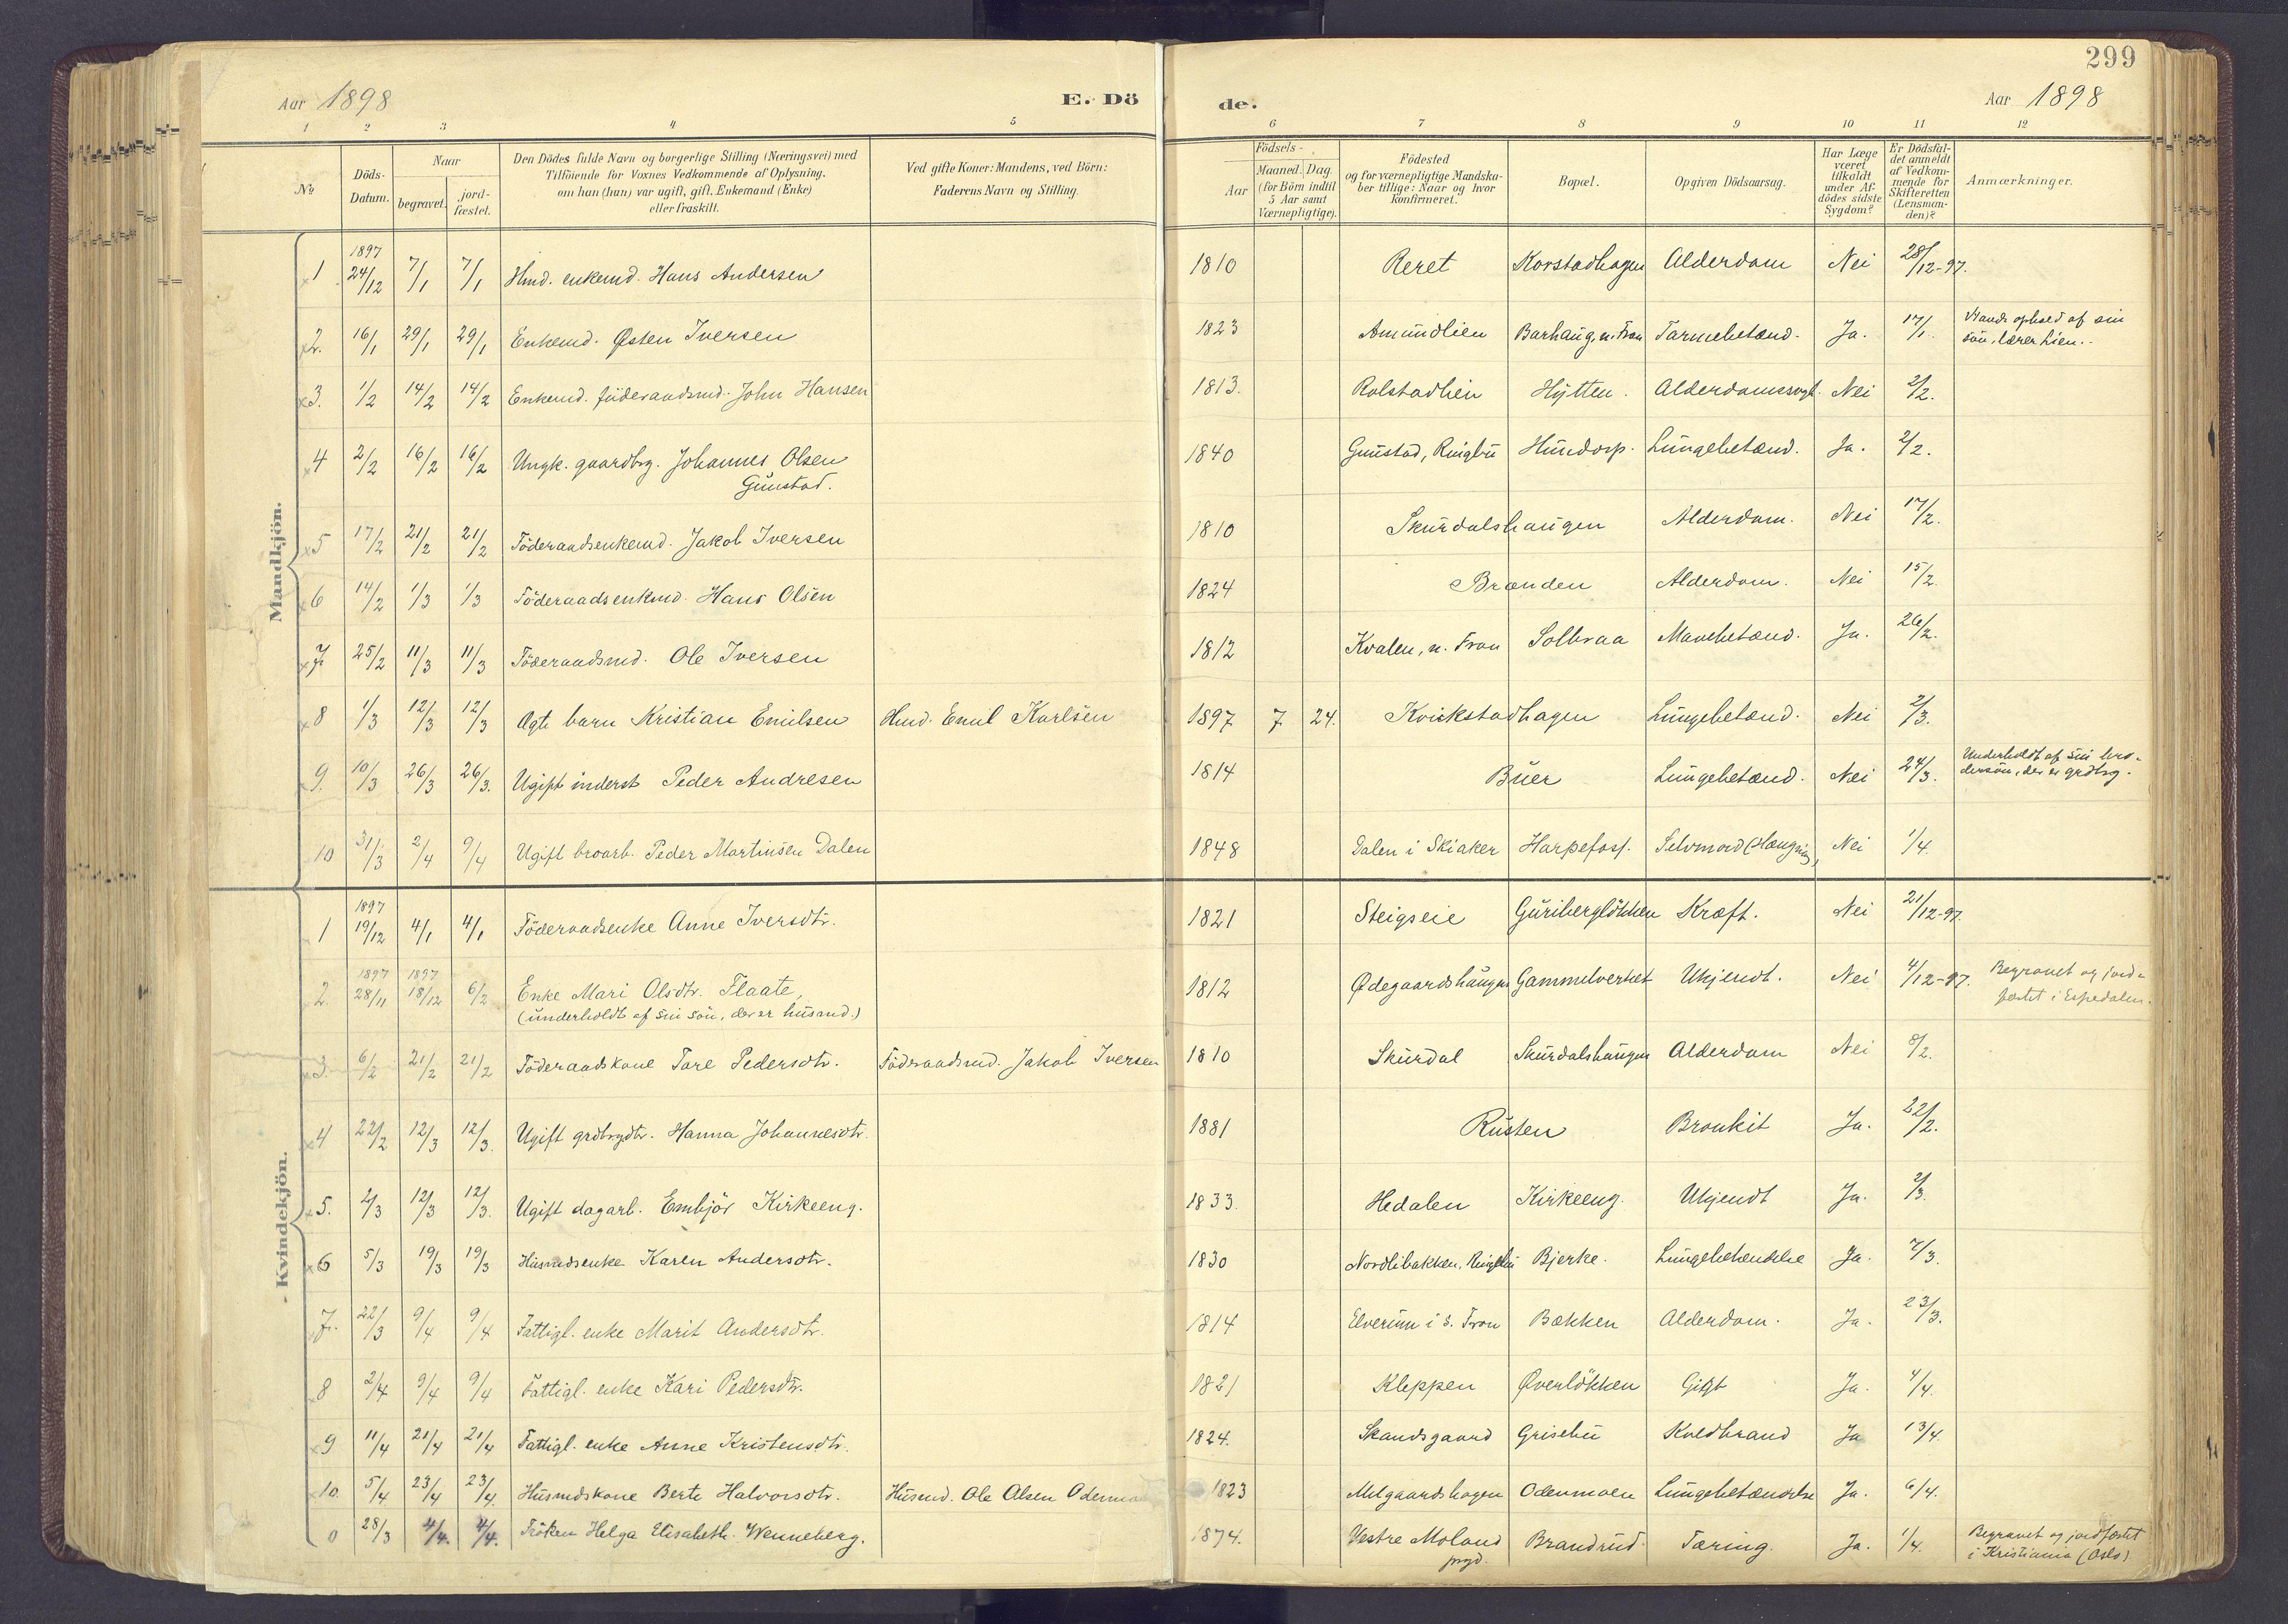 SAH, Sør-Fron prestekontor, H/Ha/Haa/L0004: Parish register (official) no. 4, 1898-1919, p. 299